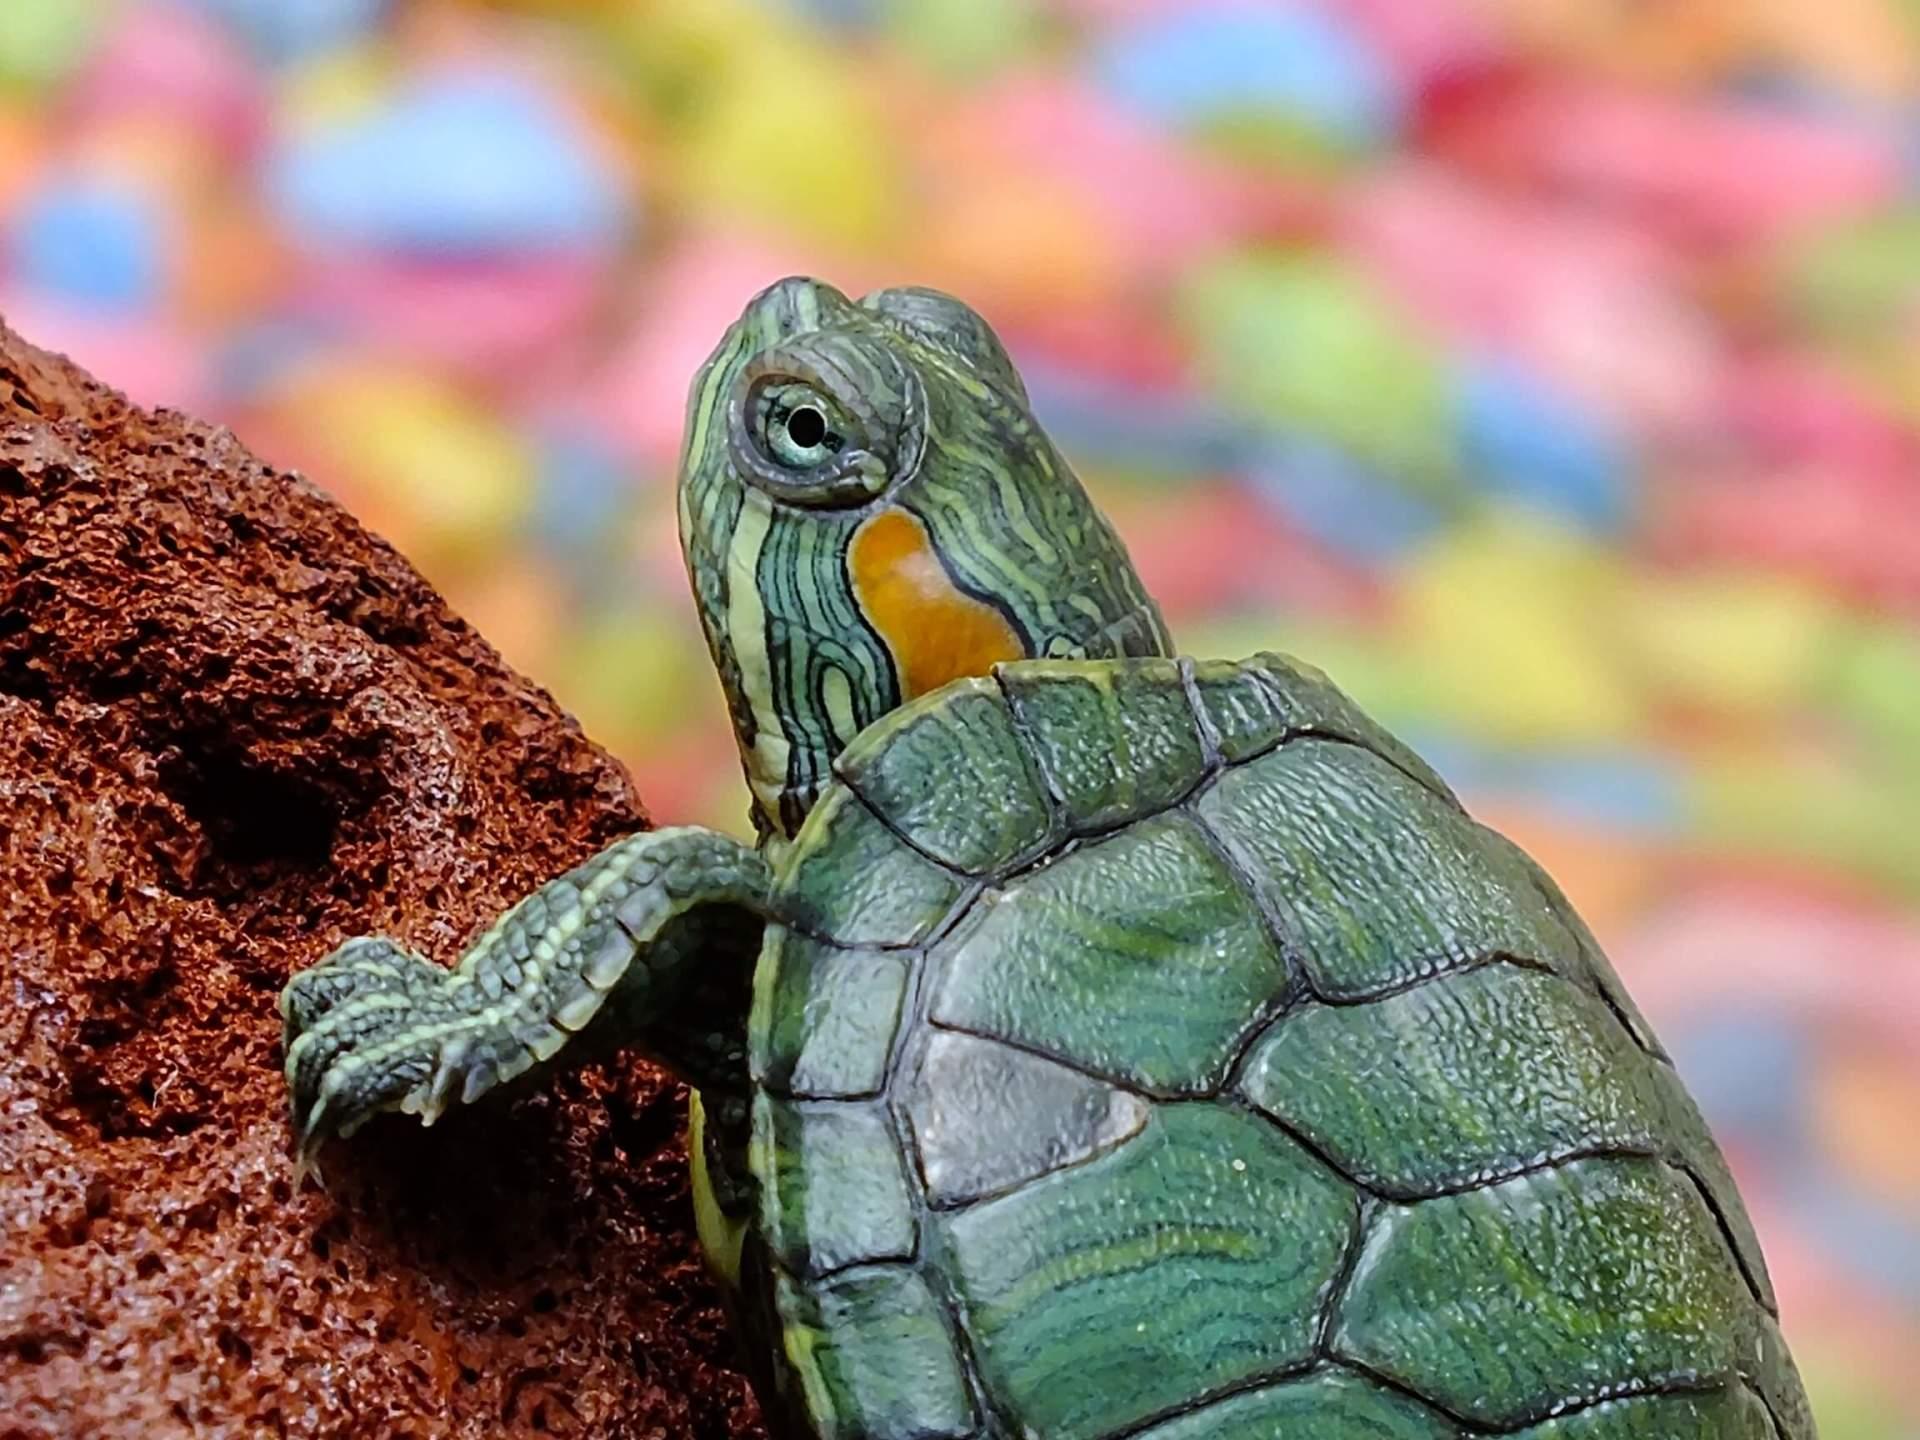 Help Turtles & Tortoises